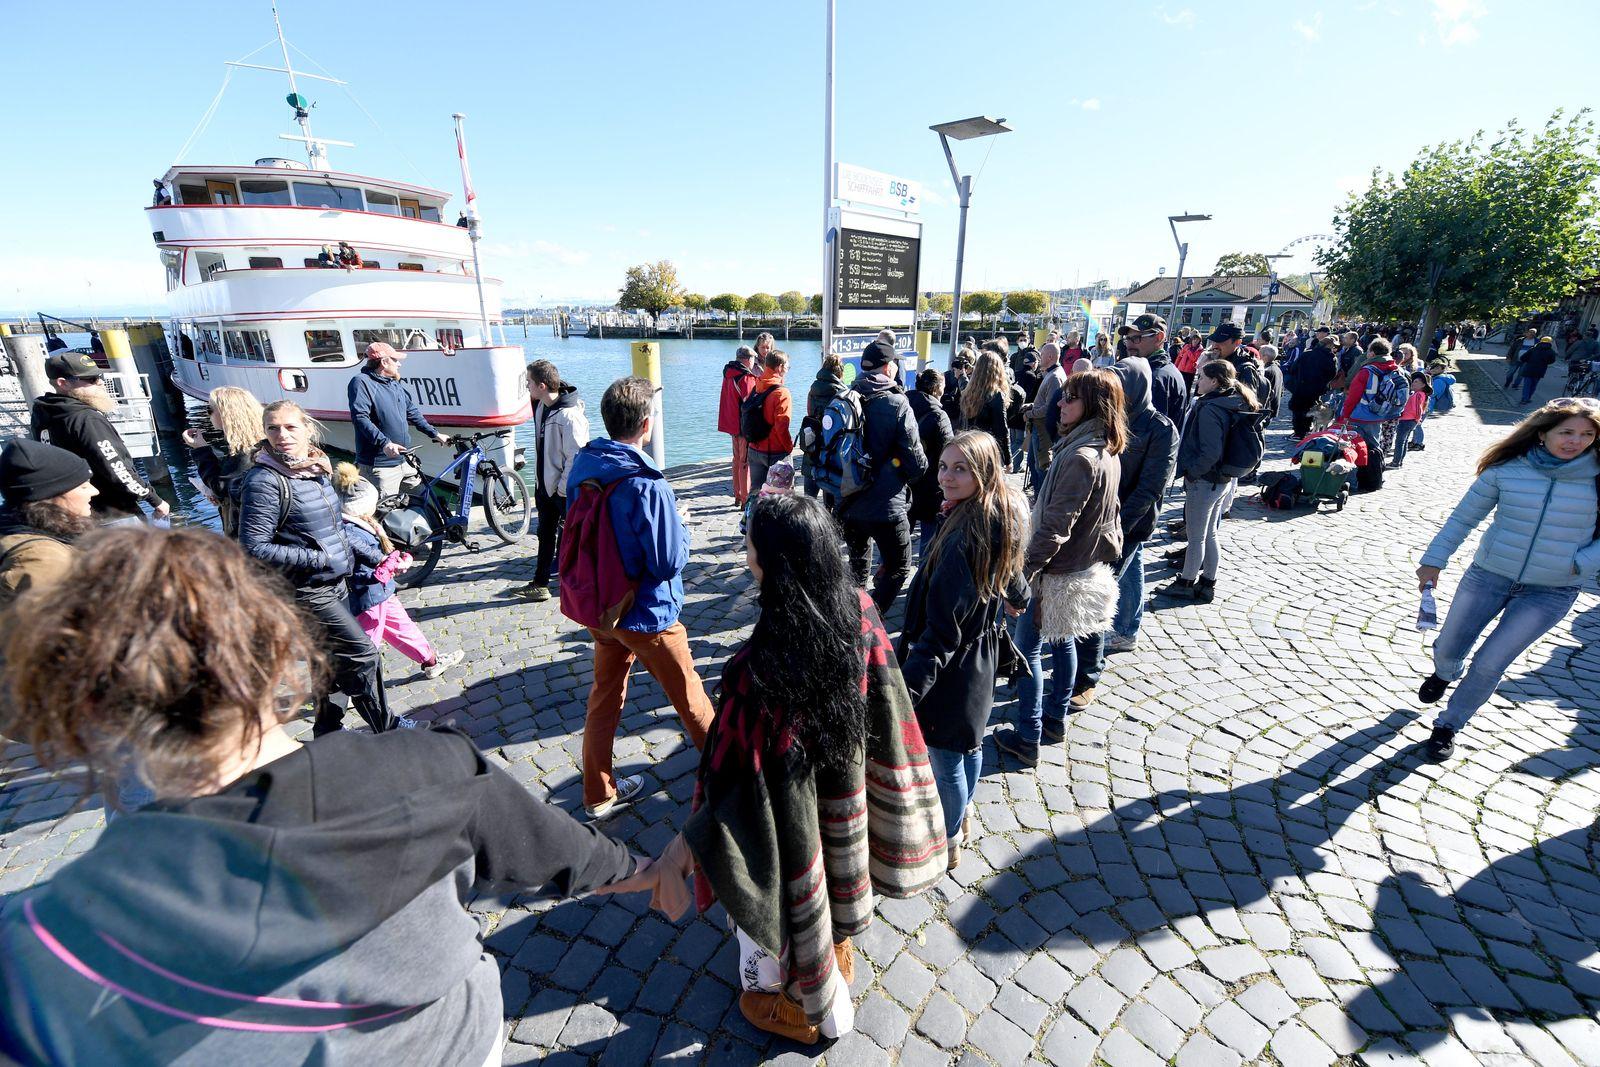 Menschenkette am Bodensee